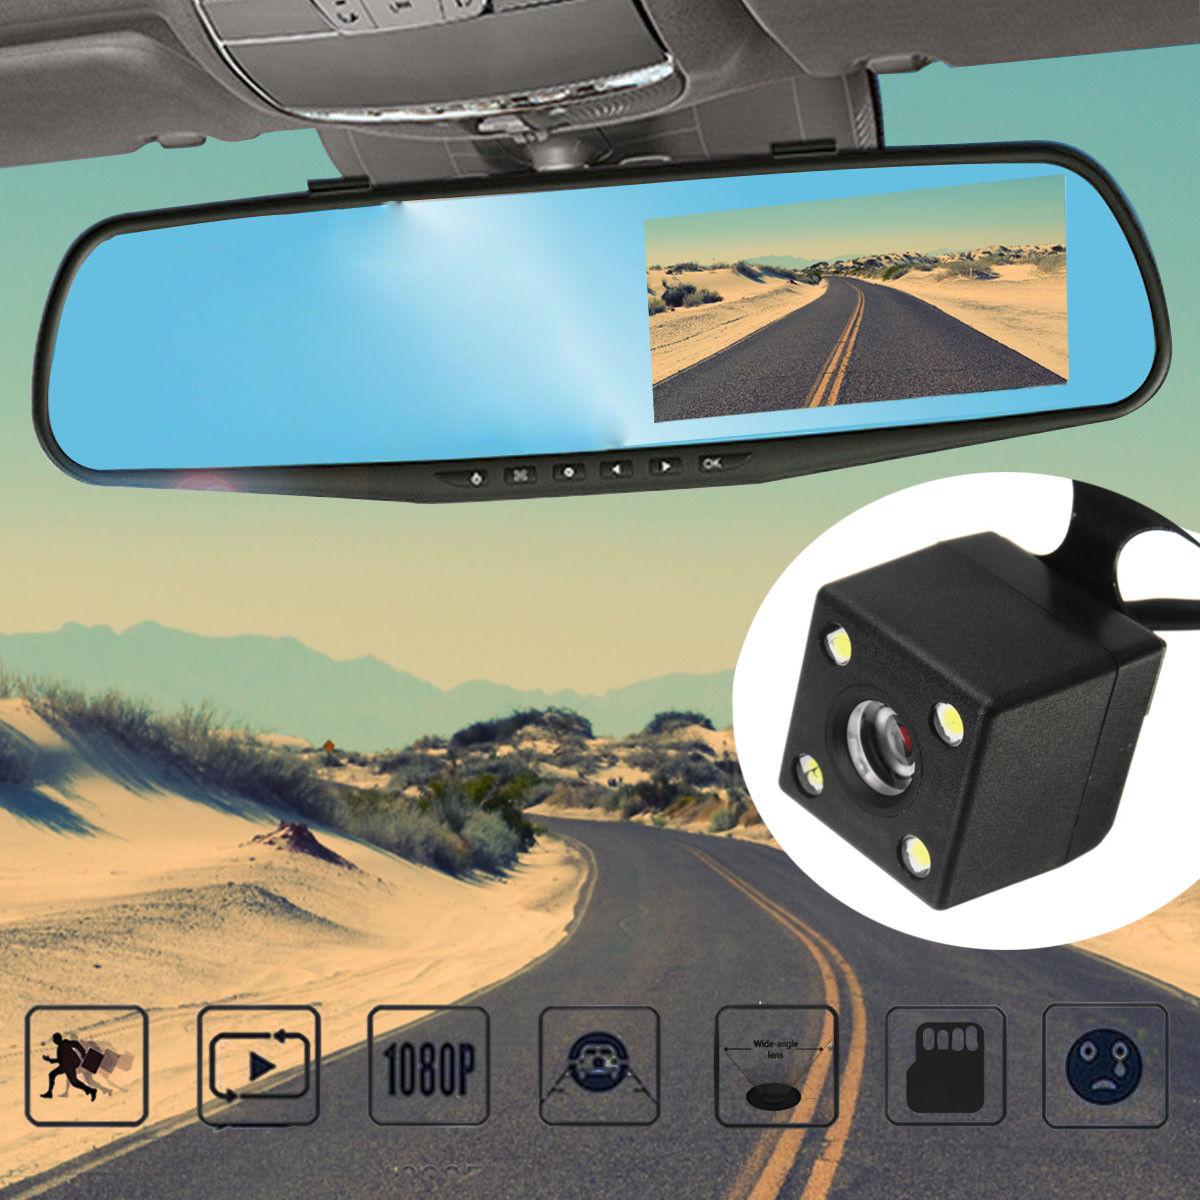 فروش دوربین دنده عقب خودرو + مانیتور آینه ای